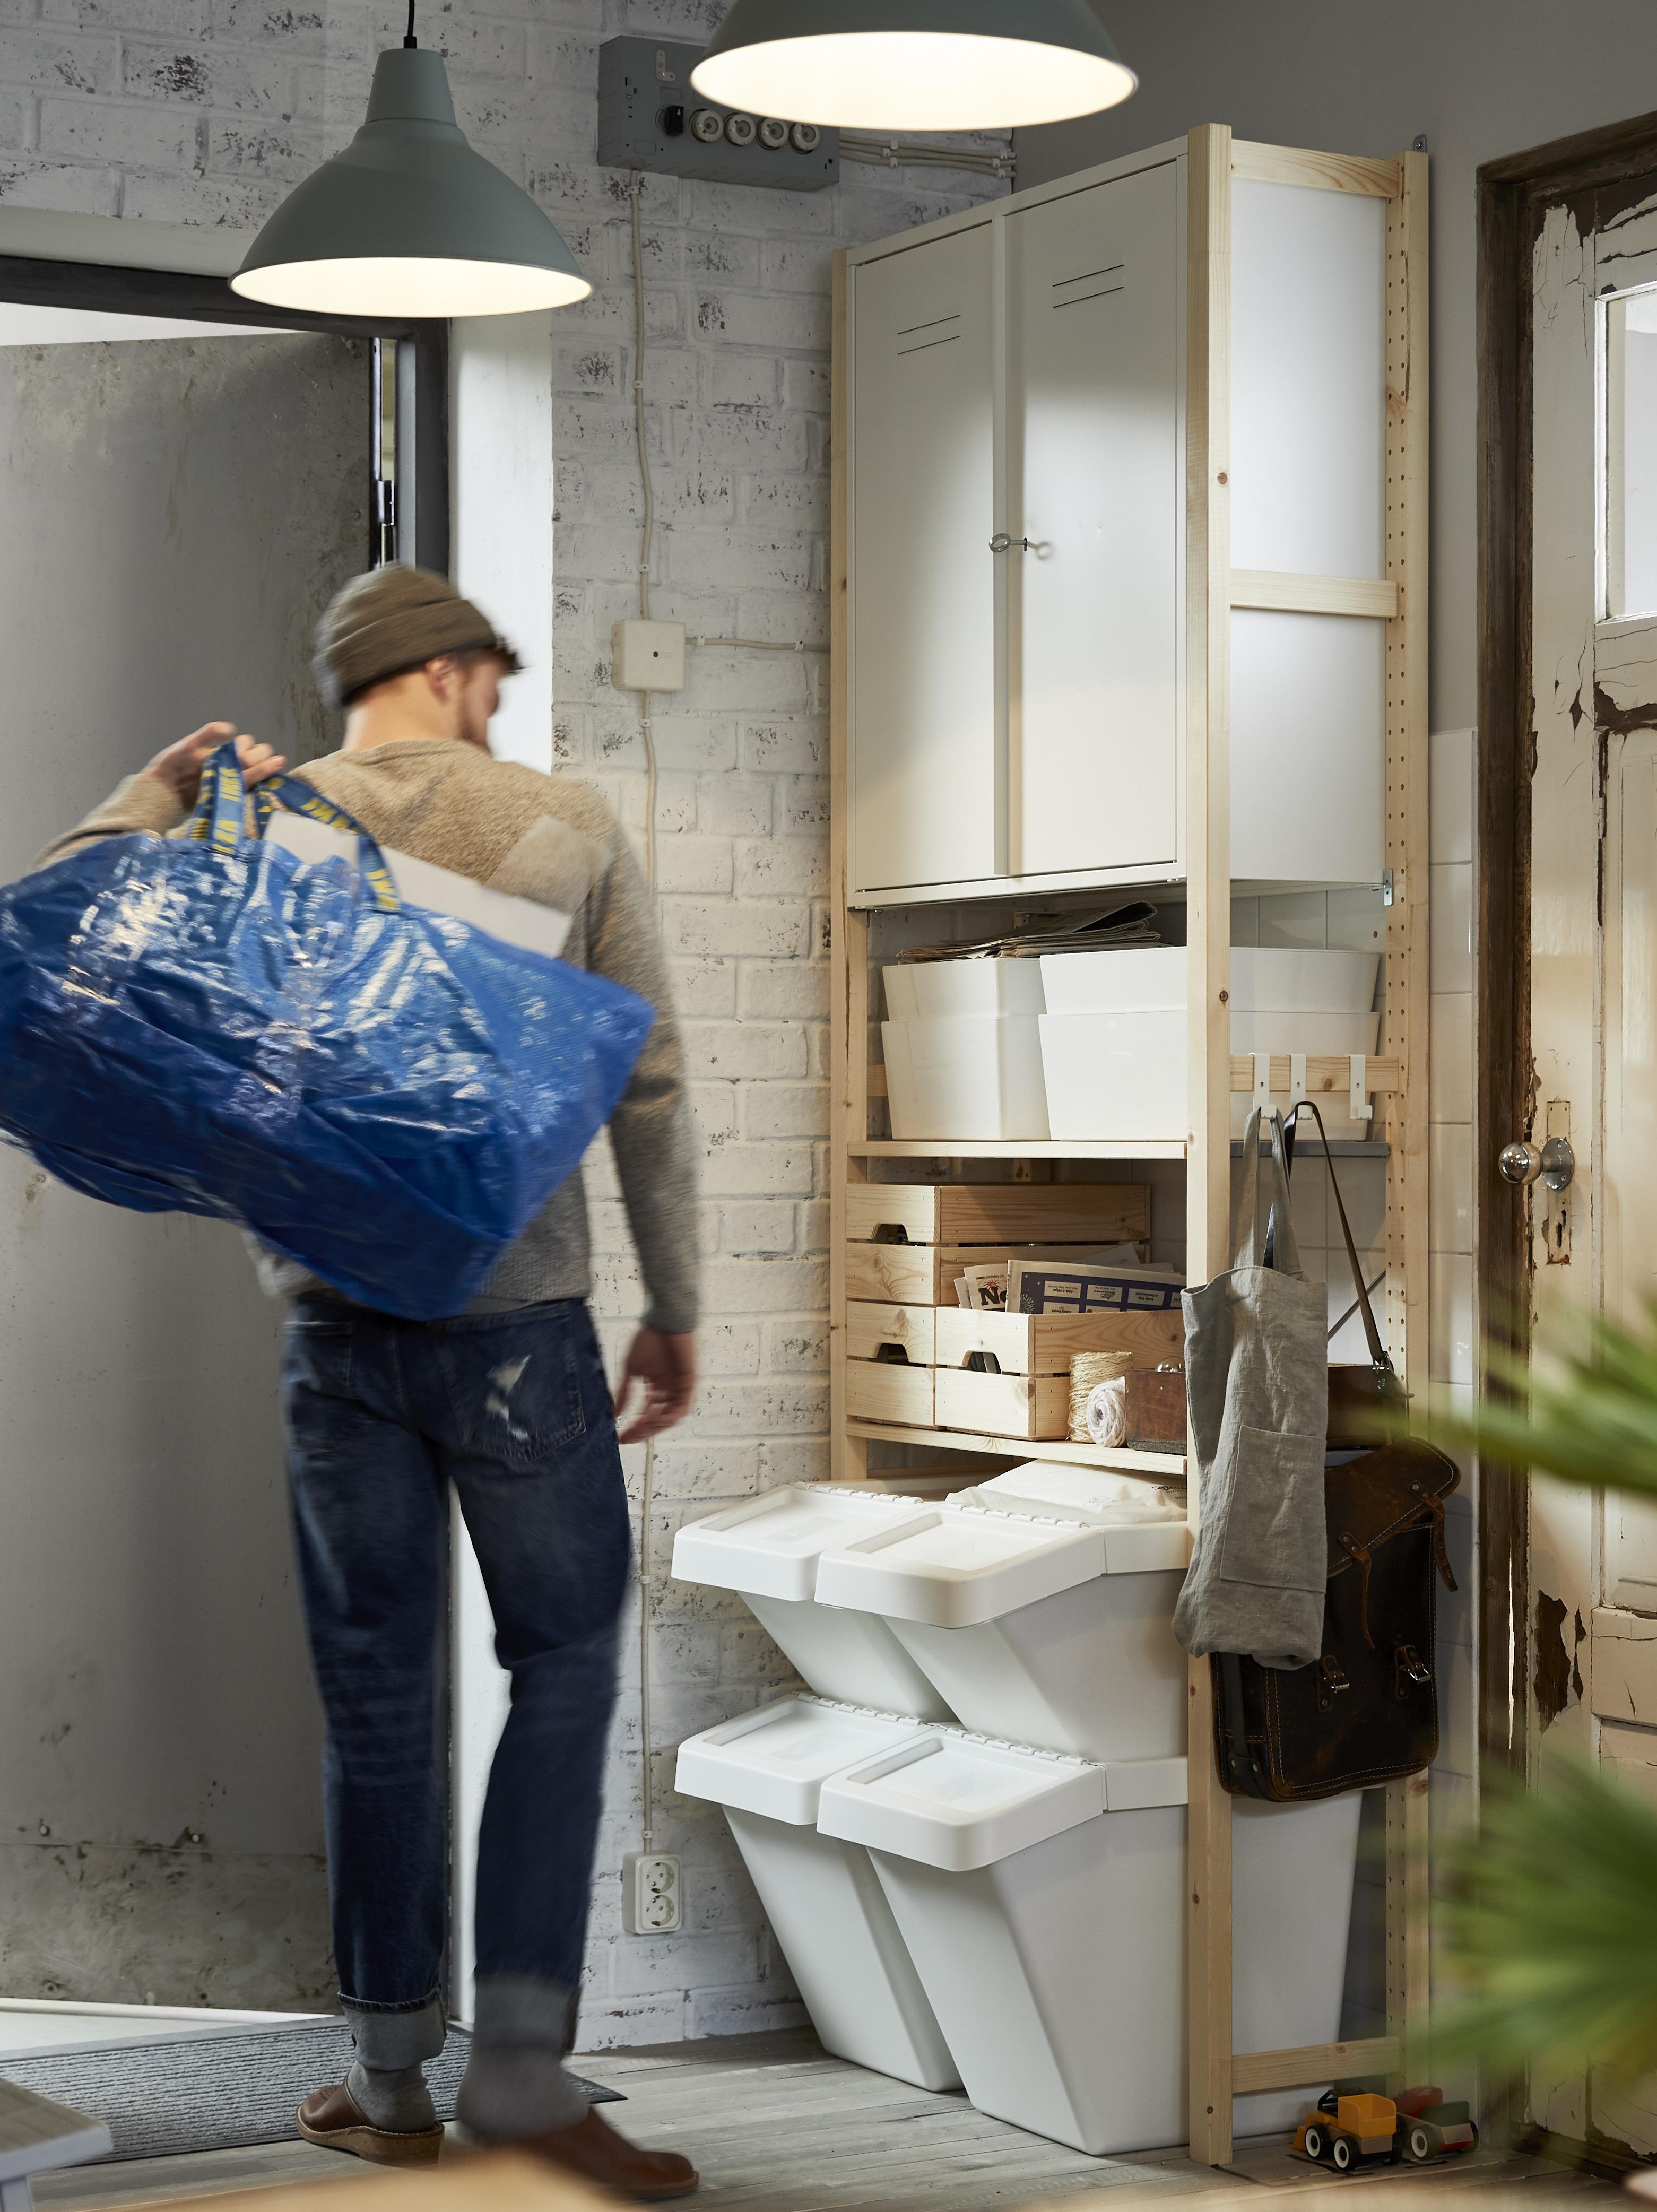 Čovjek nosi FRAKTA vreću izlazeći iz garaže u kojoj su regali, police i element za odlaganje te biljke.